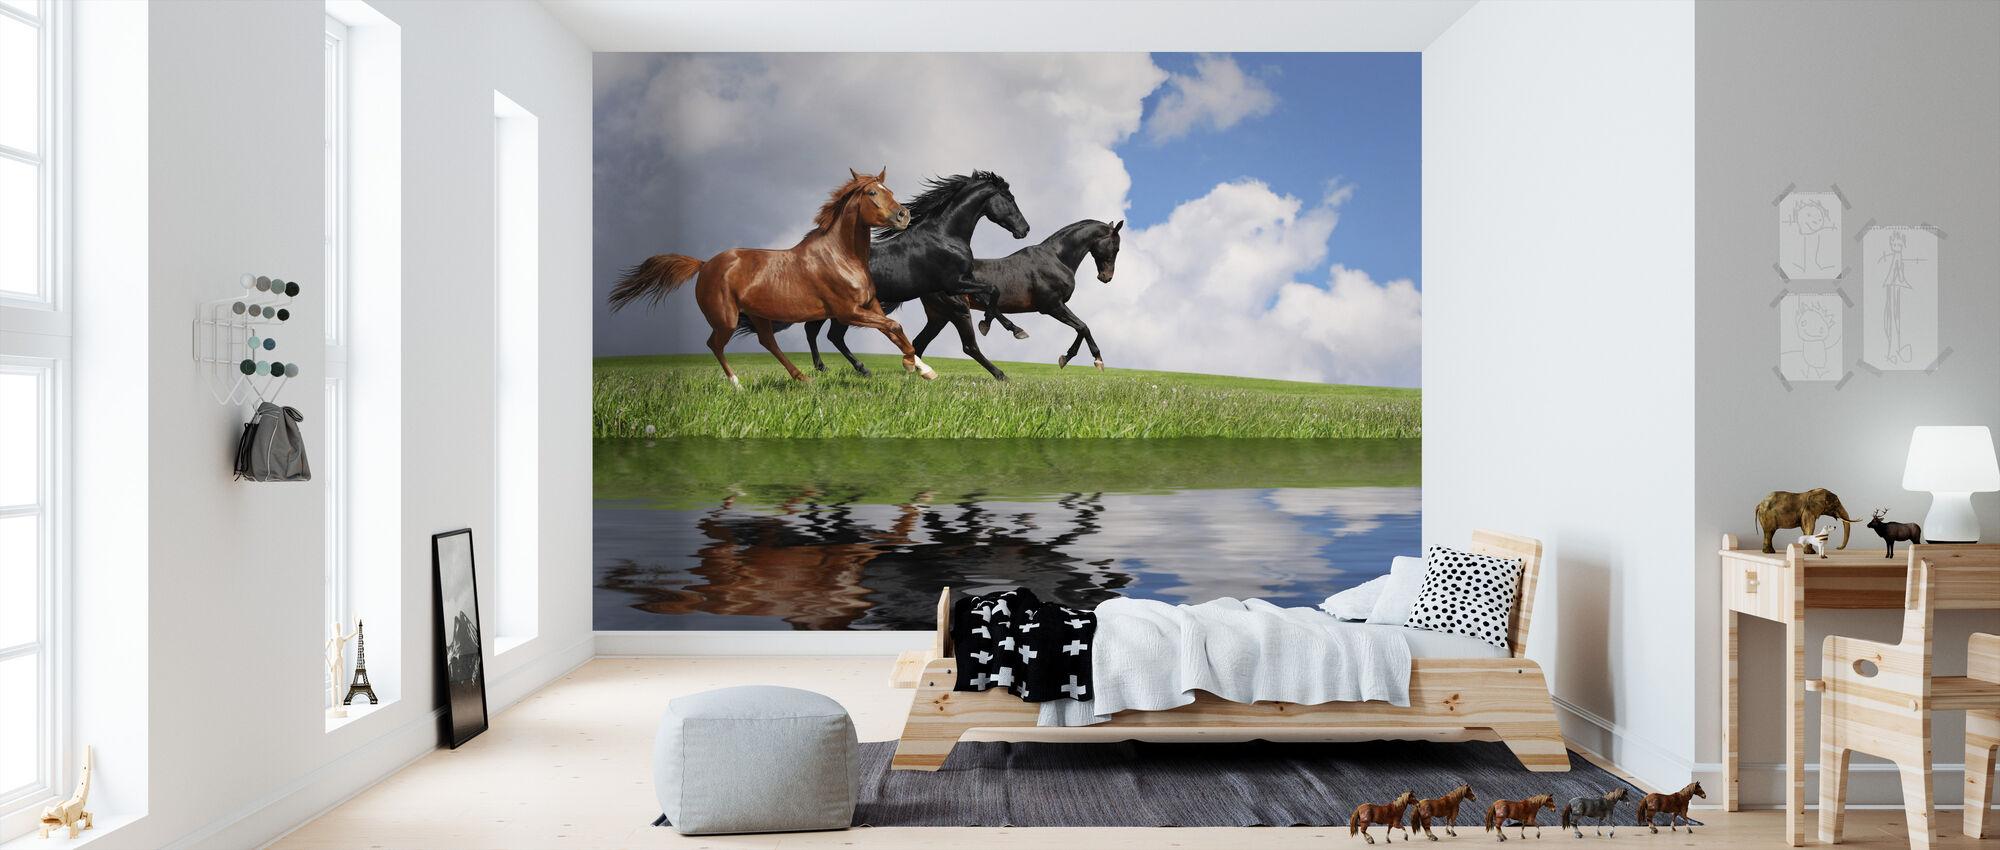 Gallop Paarden - Behang - Kinderkamer